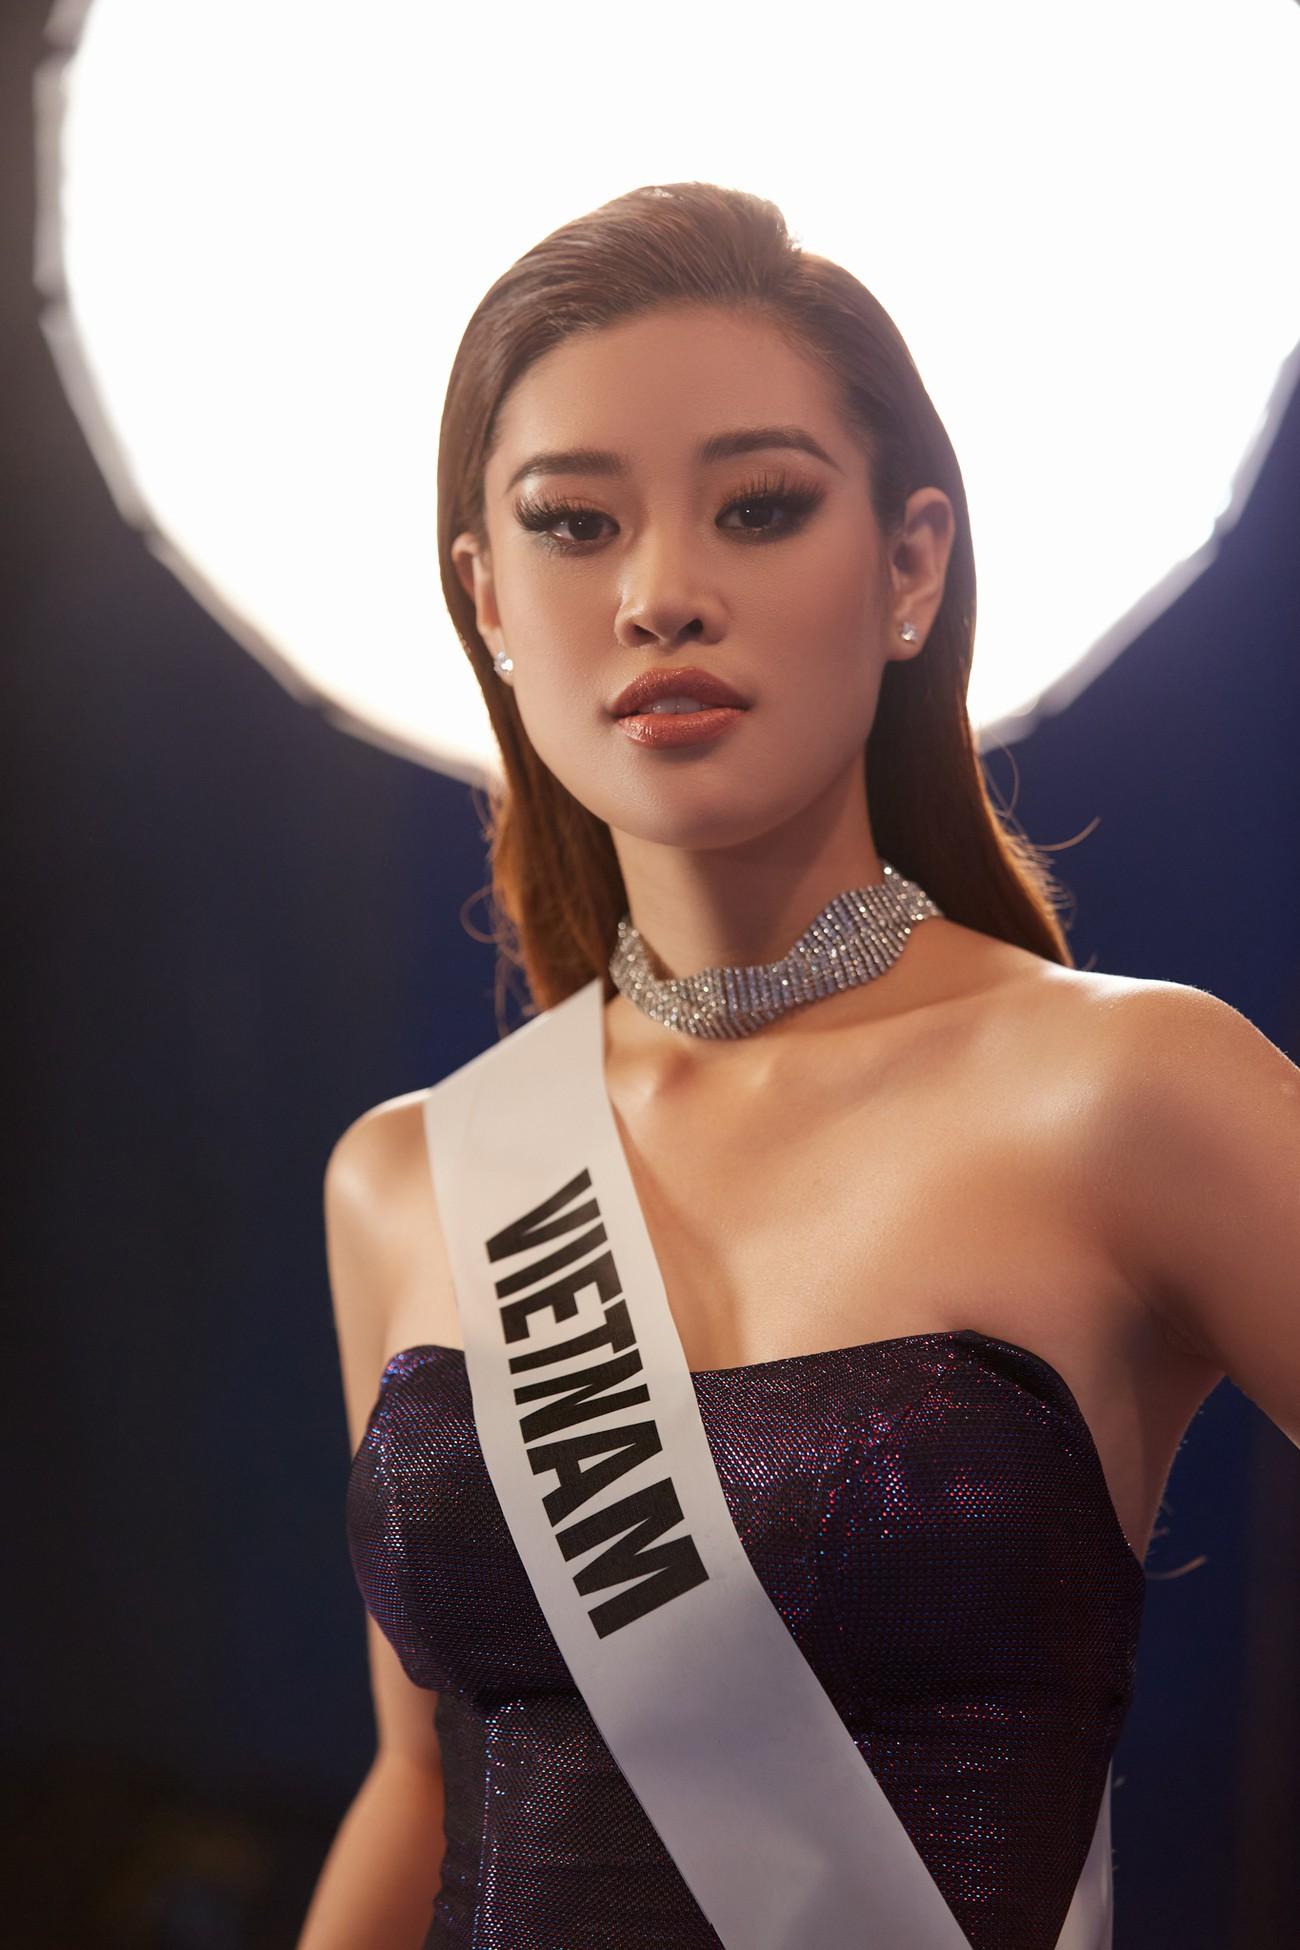 Khánh Vân 'chơi trội' với 5 lay-out nổi bật, quyết tâm 'gây bão' tại Miss Universe 2021 ảnh 12